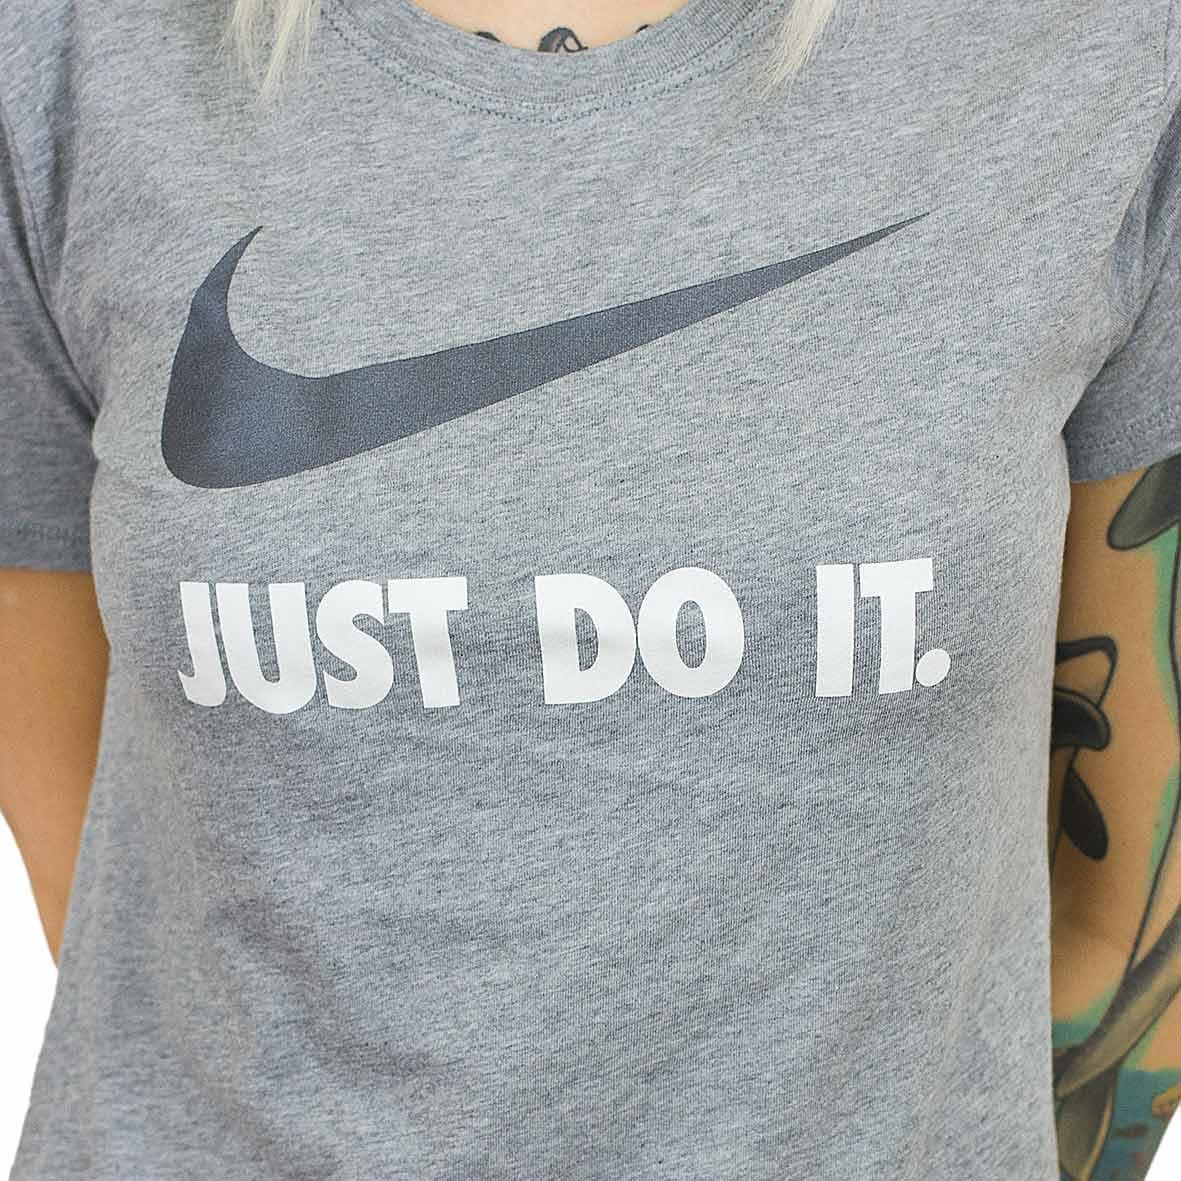 Nike damen t shirt crew just do it swoosh grau schwarz for Nike t shirts just do it